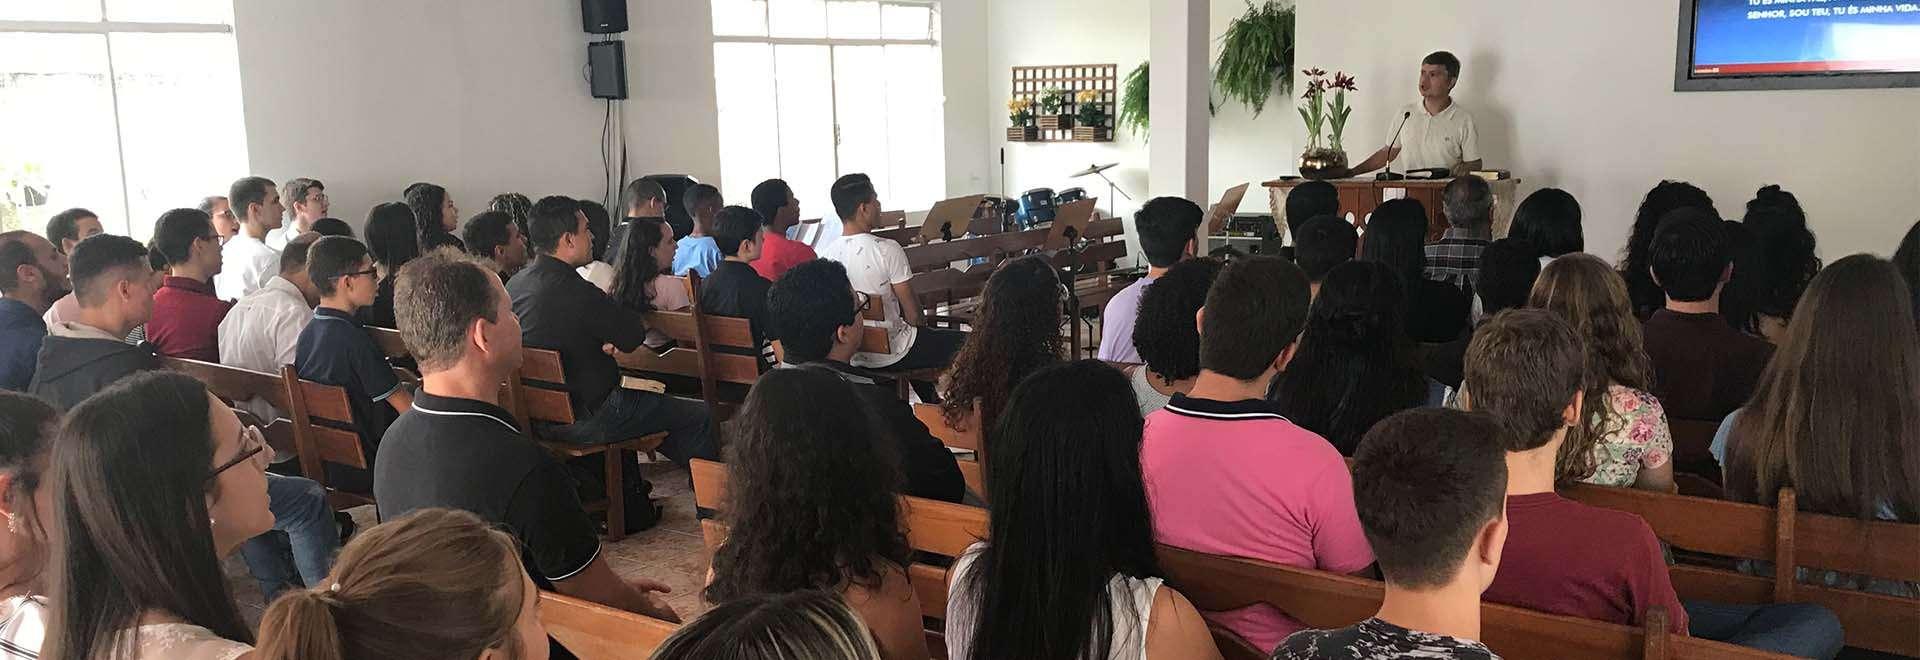 Seminário de Jovens é transmitido para todo o Brasil